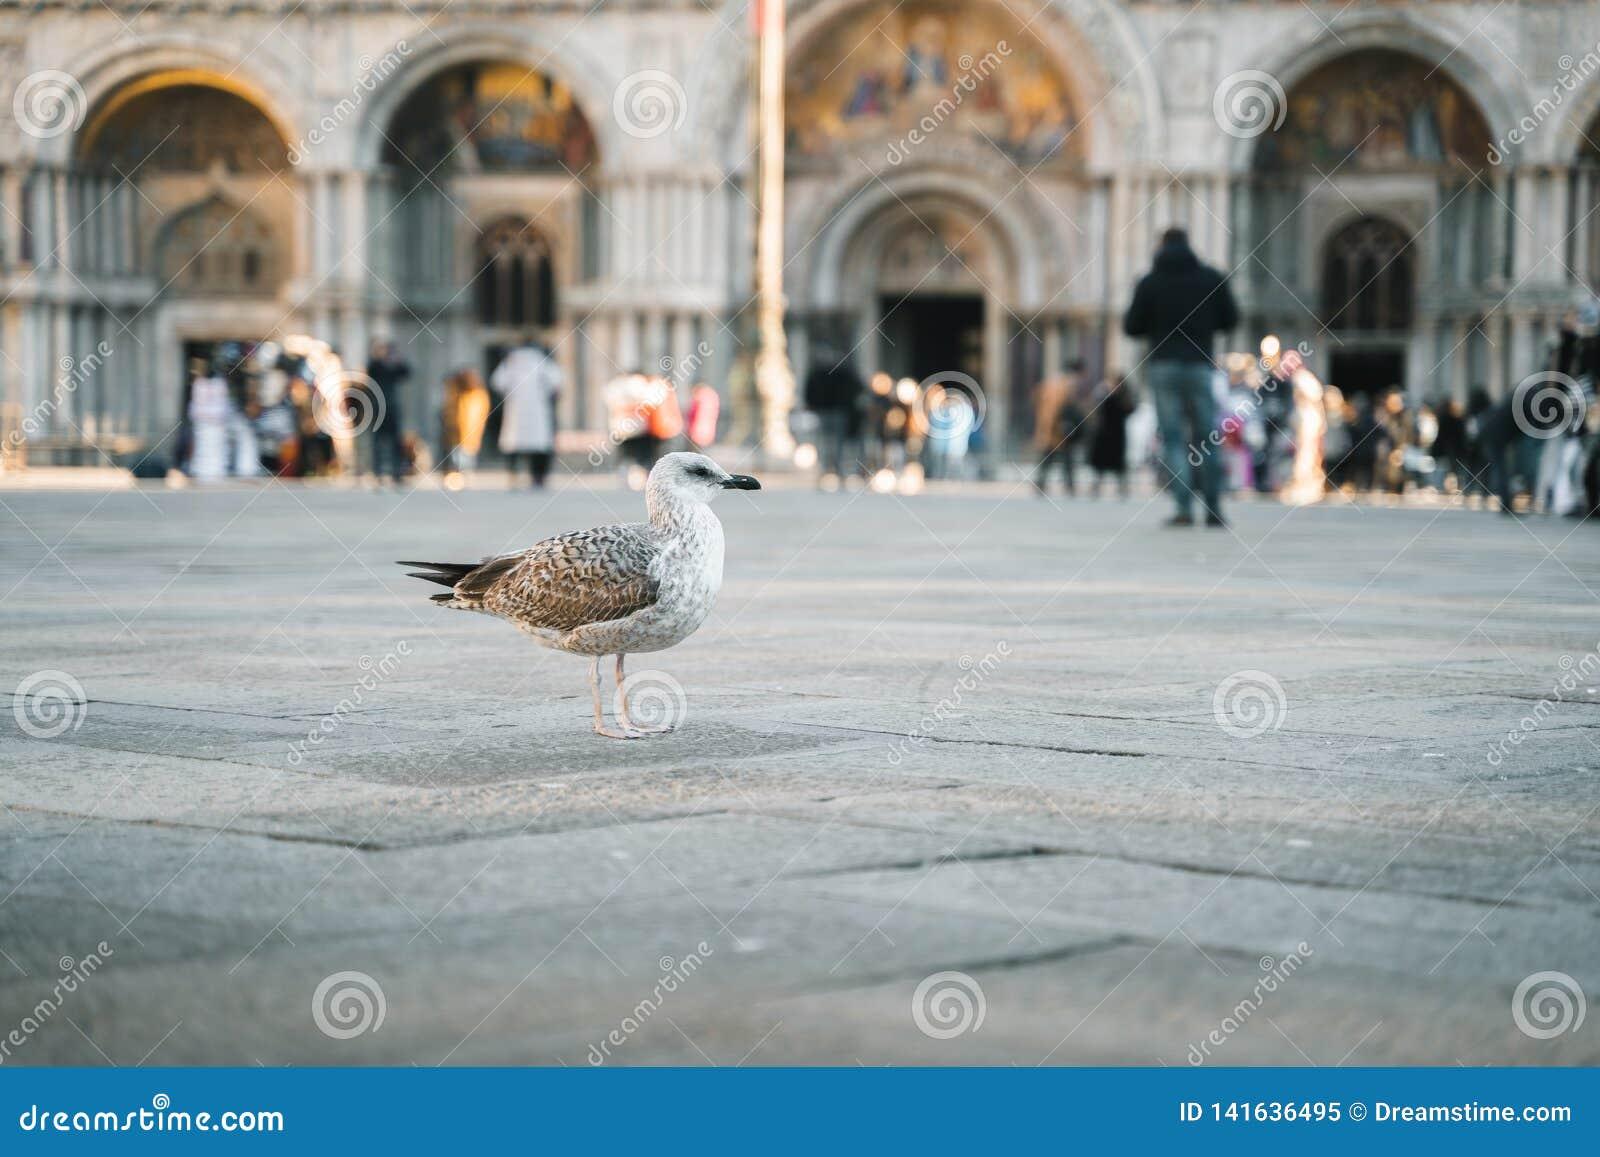 Pigeone стоя на улице